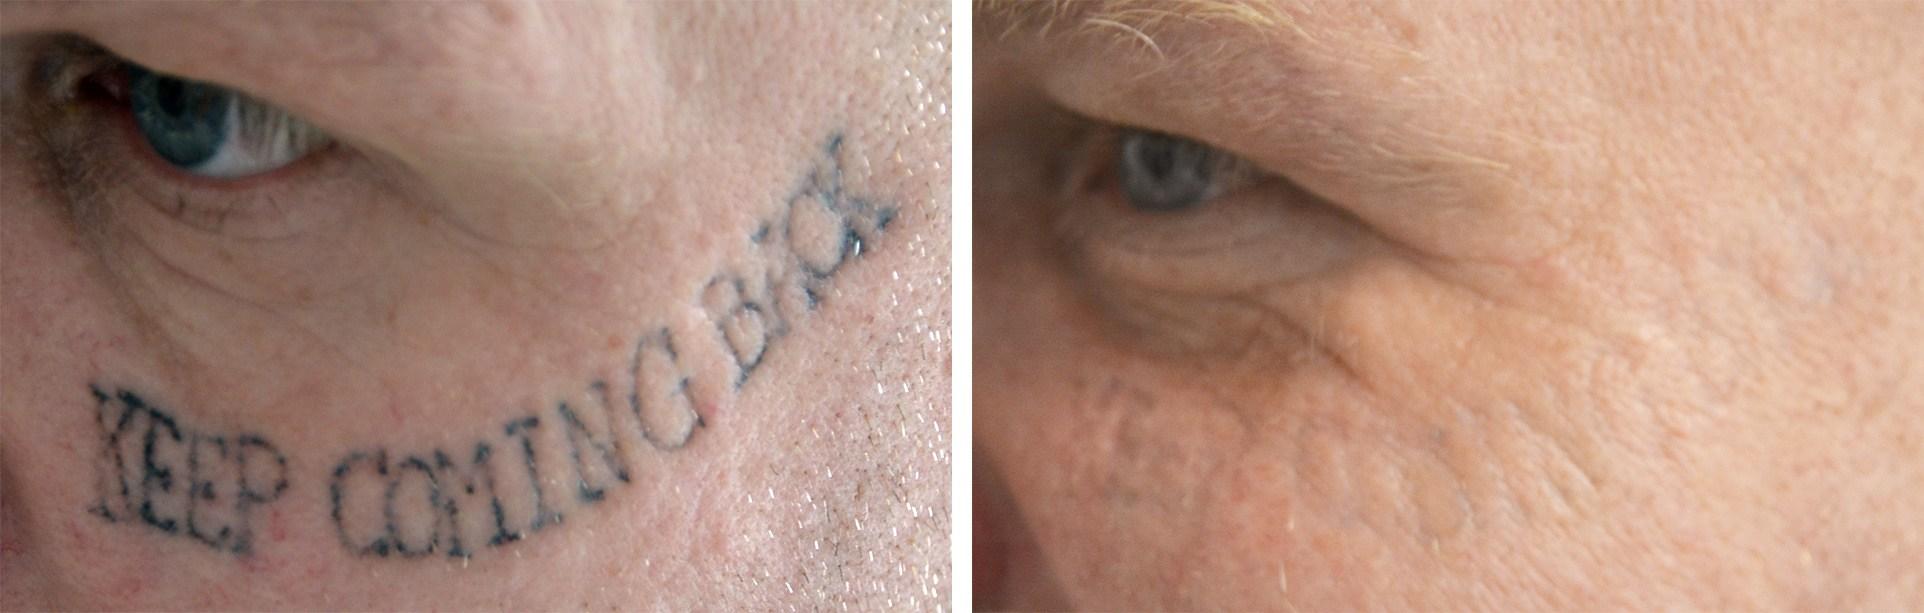 Ansigt skråt forfra før og efter tatoveringsfjernelse